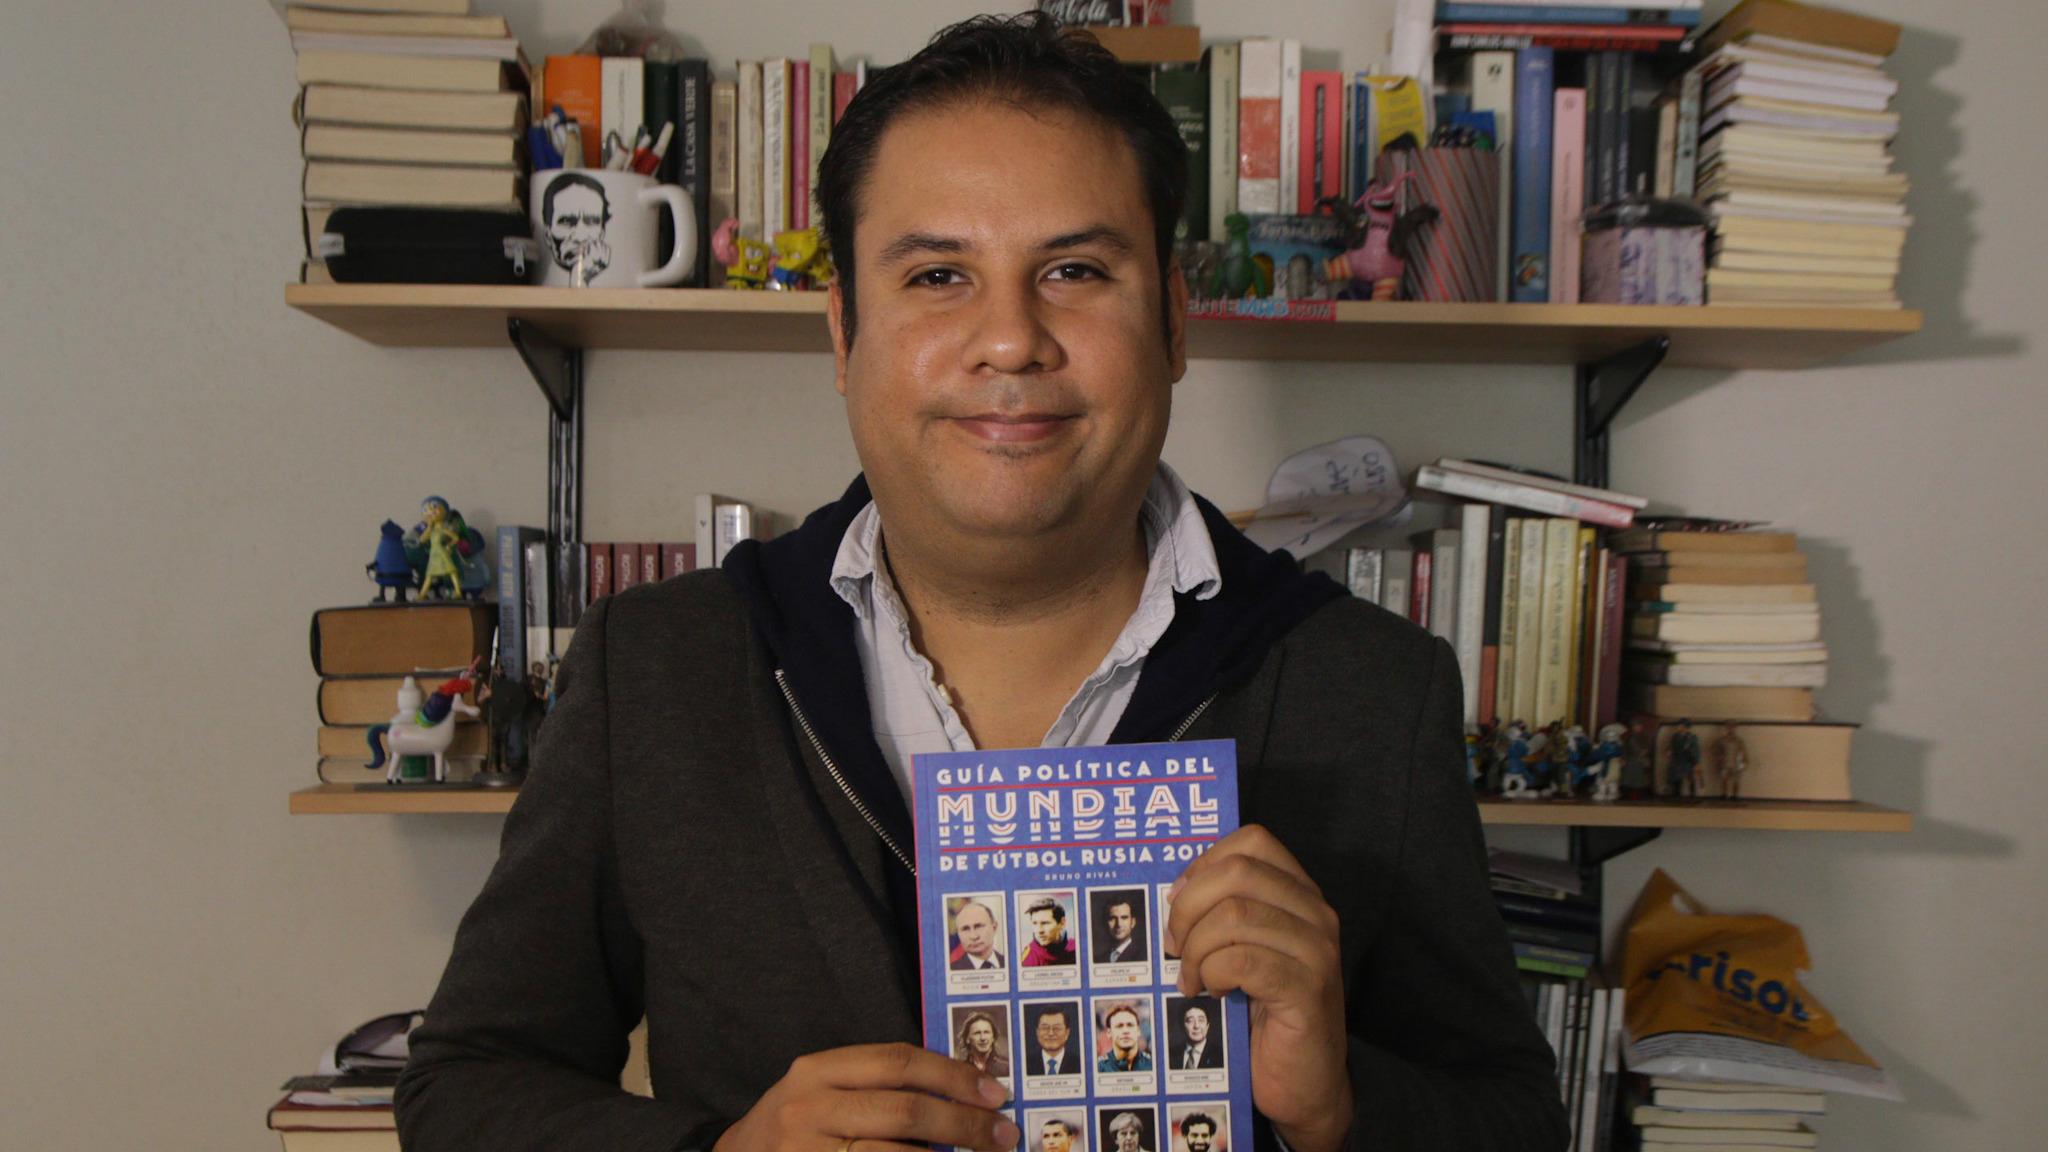 El autor Bruno Rivas también explica las curiosidades entre la política y el fútbol español.